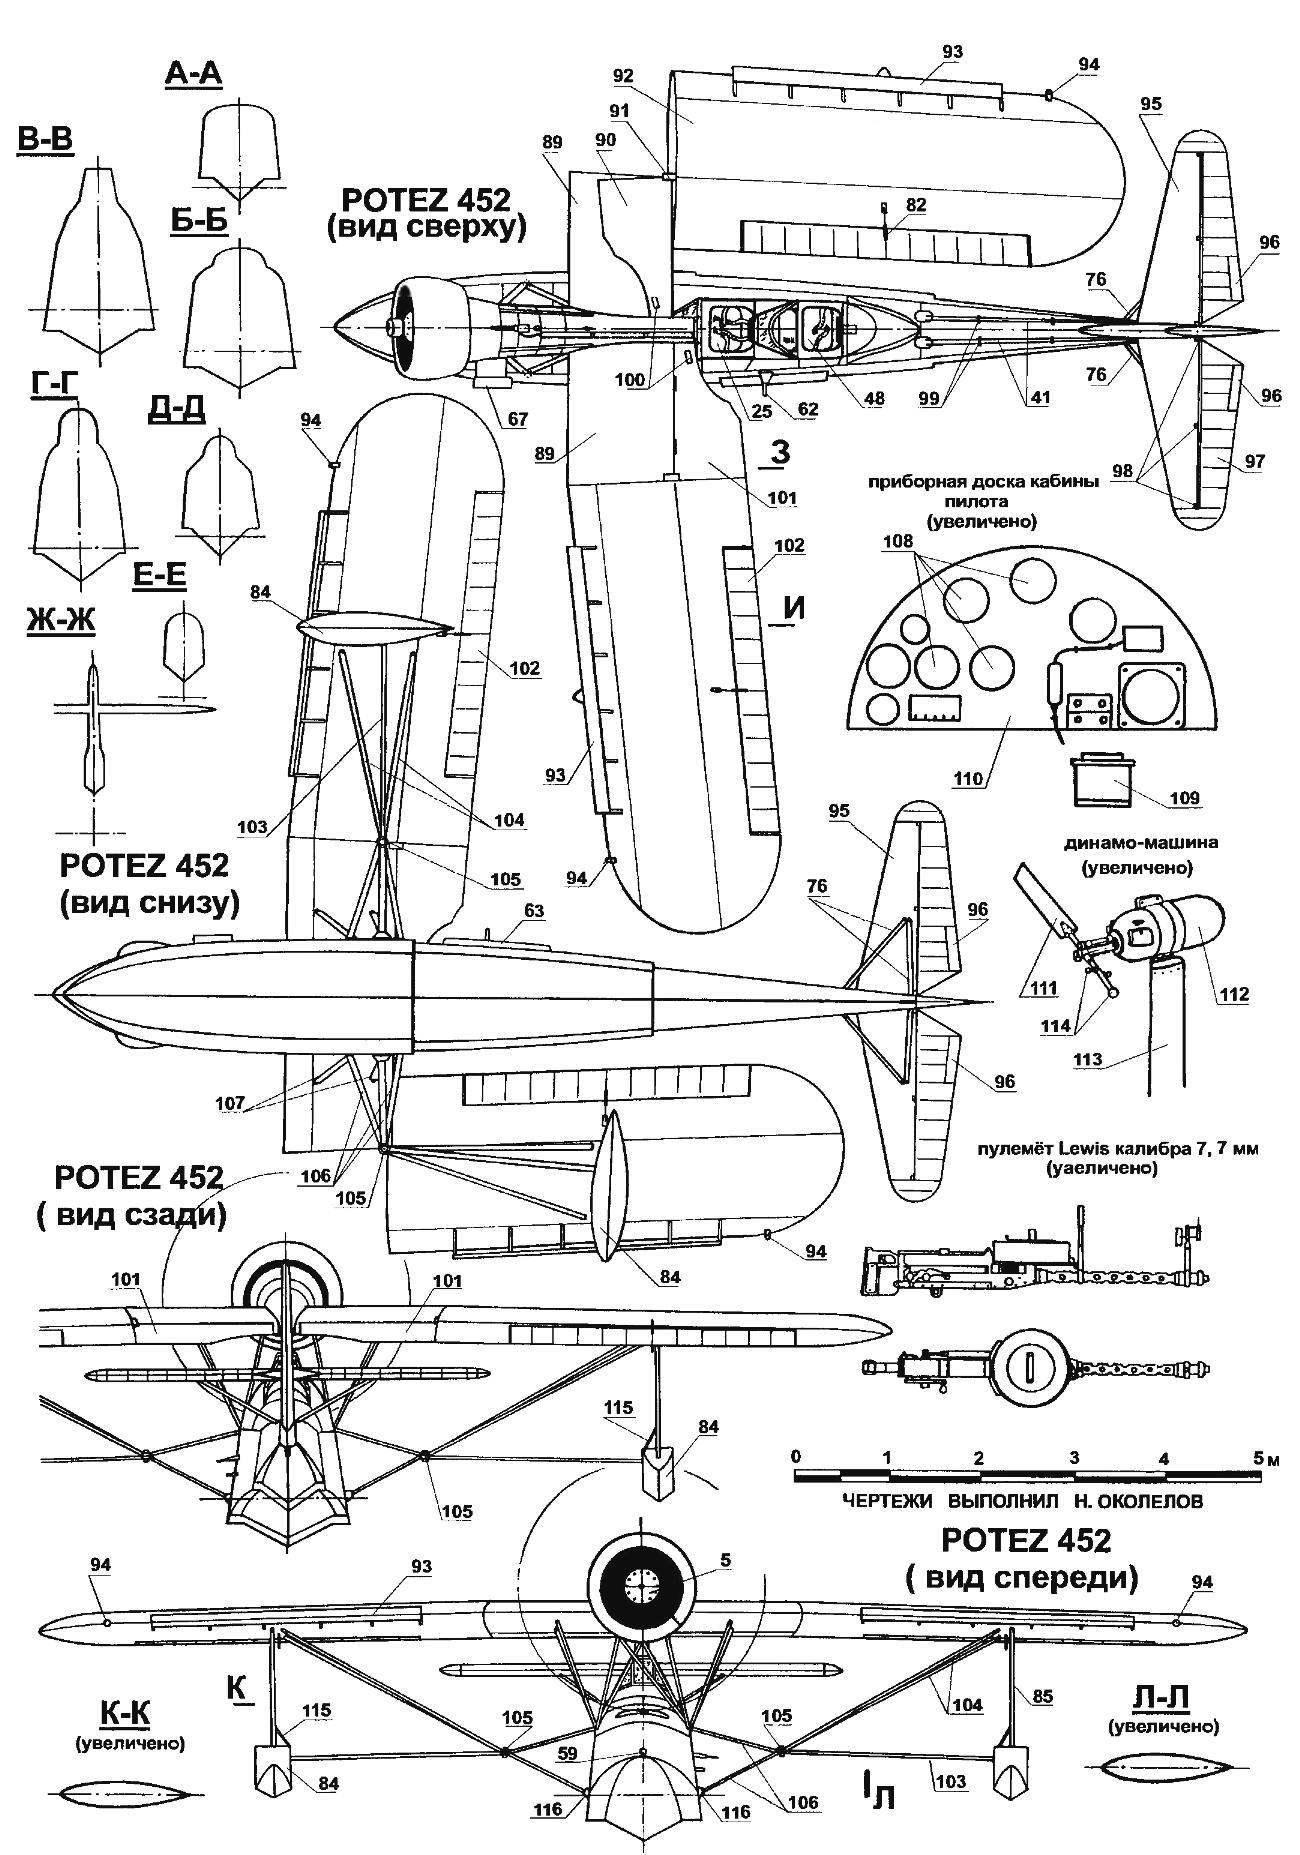 Летающая лодка POTEZ 452